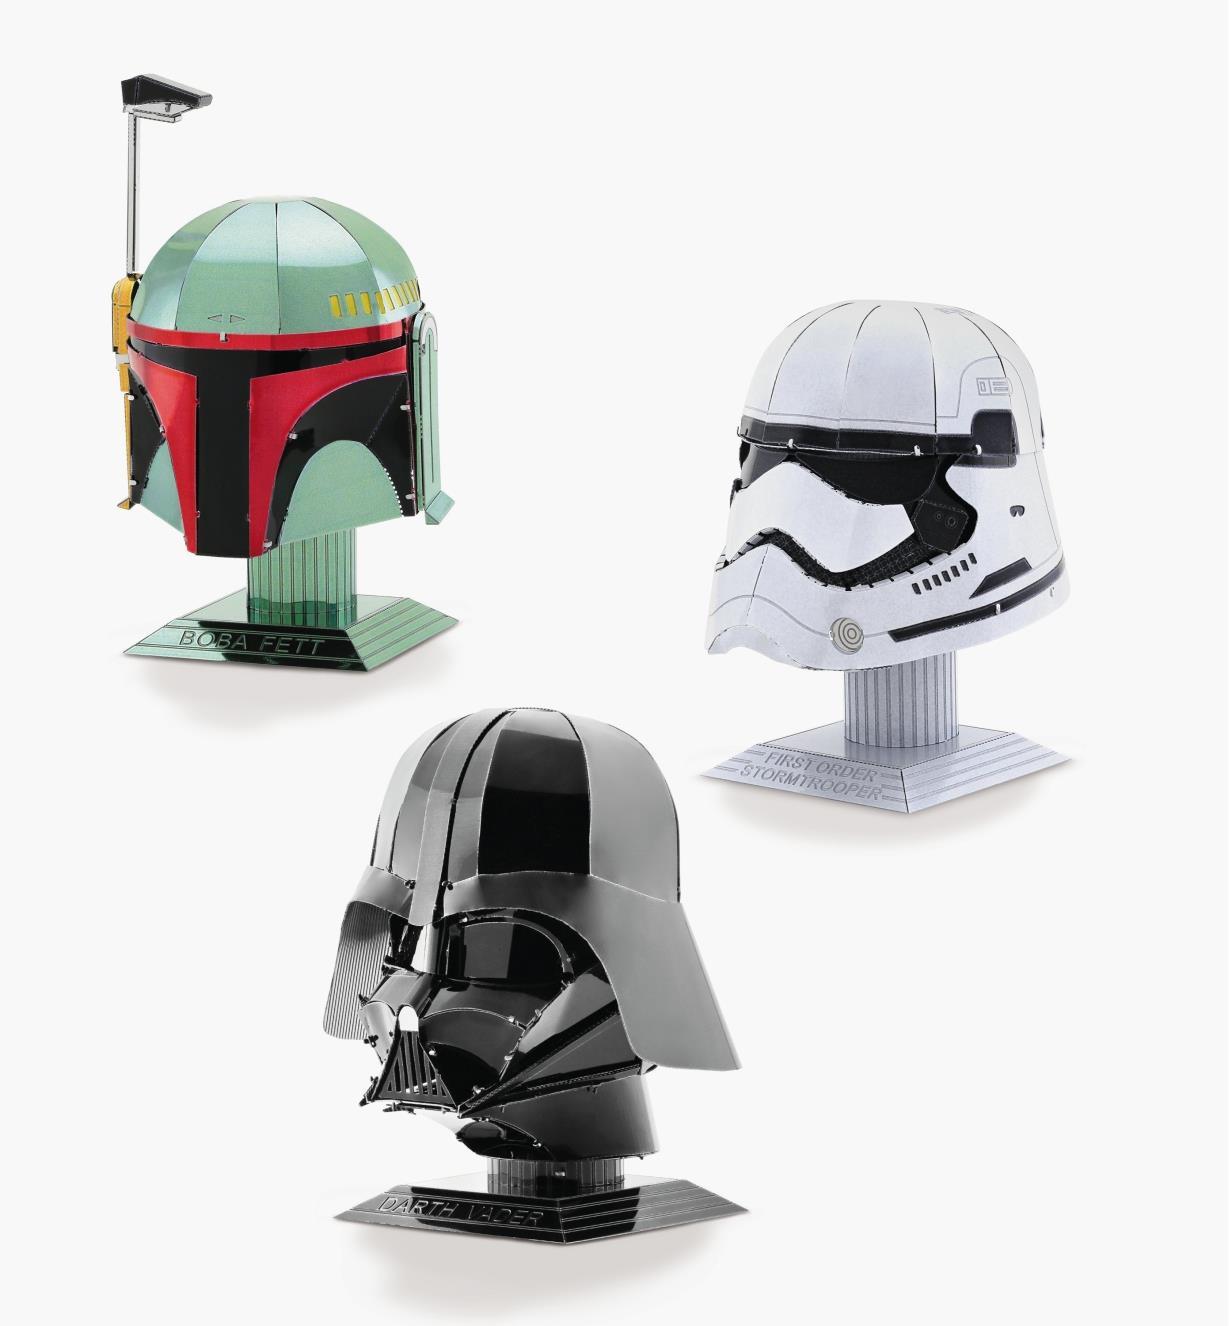 45K4168 - Collection des 3 modèles réduits en métal de Star Wars: Dark Vador, Boba Fett et stormtrooper du Premier Ordre